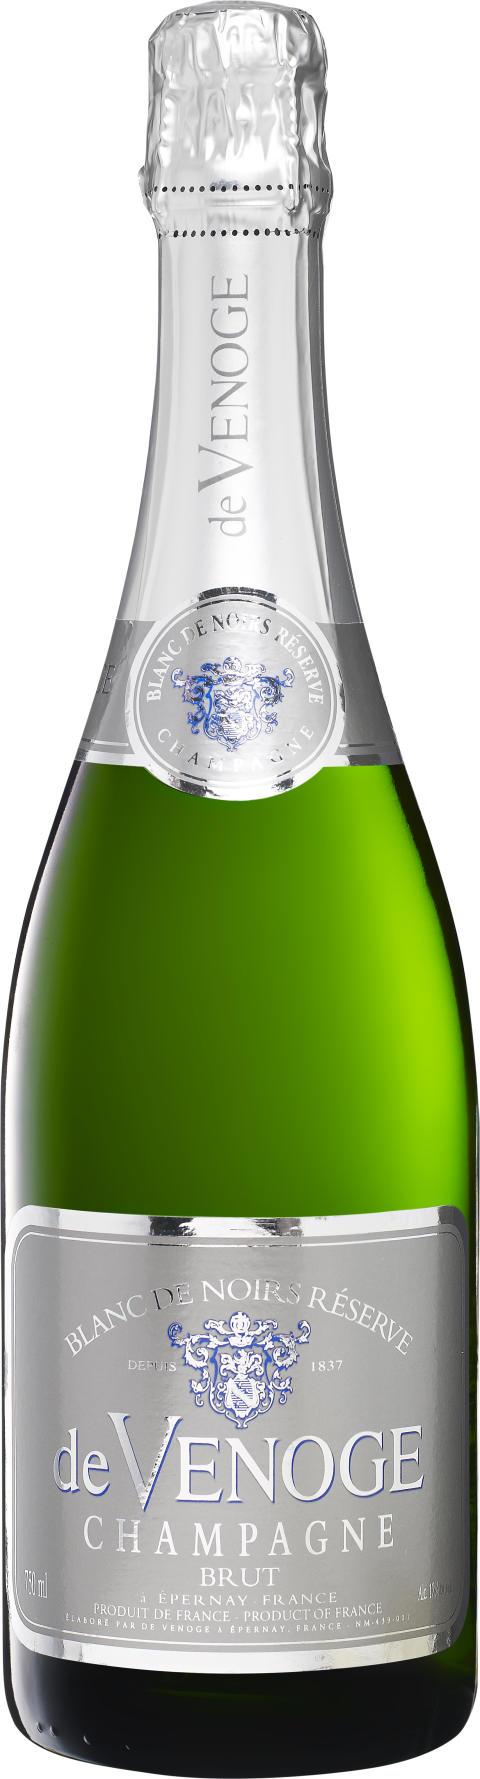 Champagne tolkas av ung designstjärna